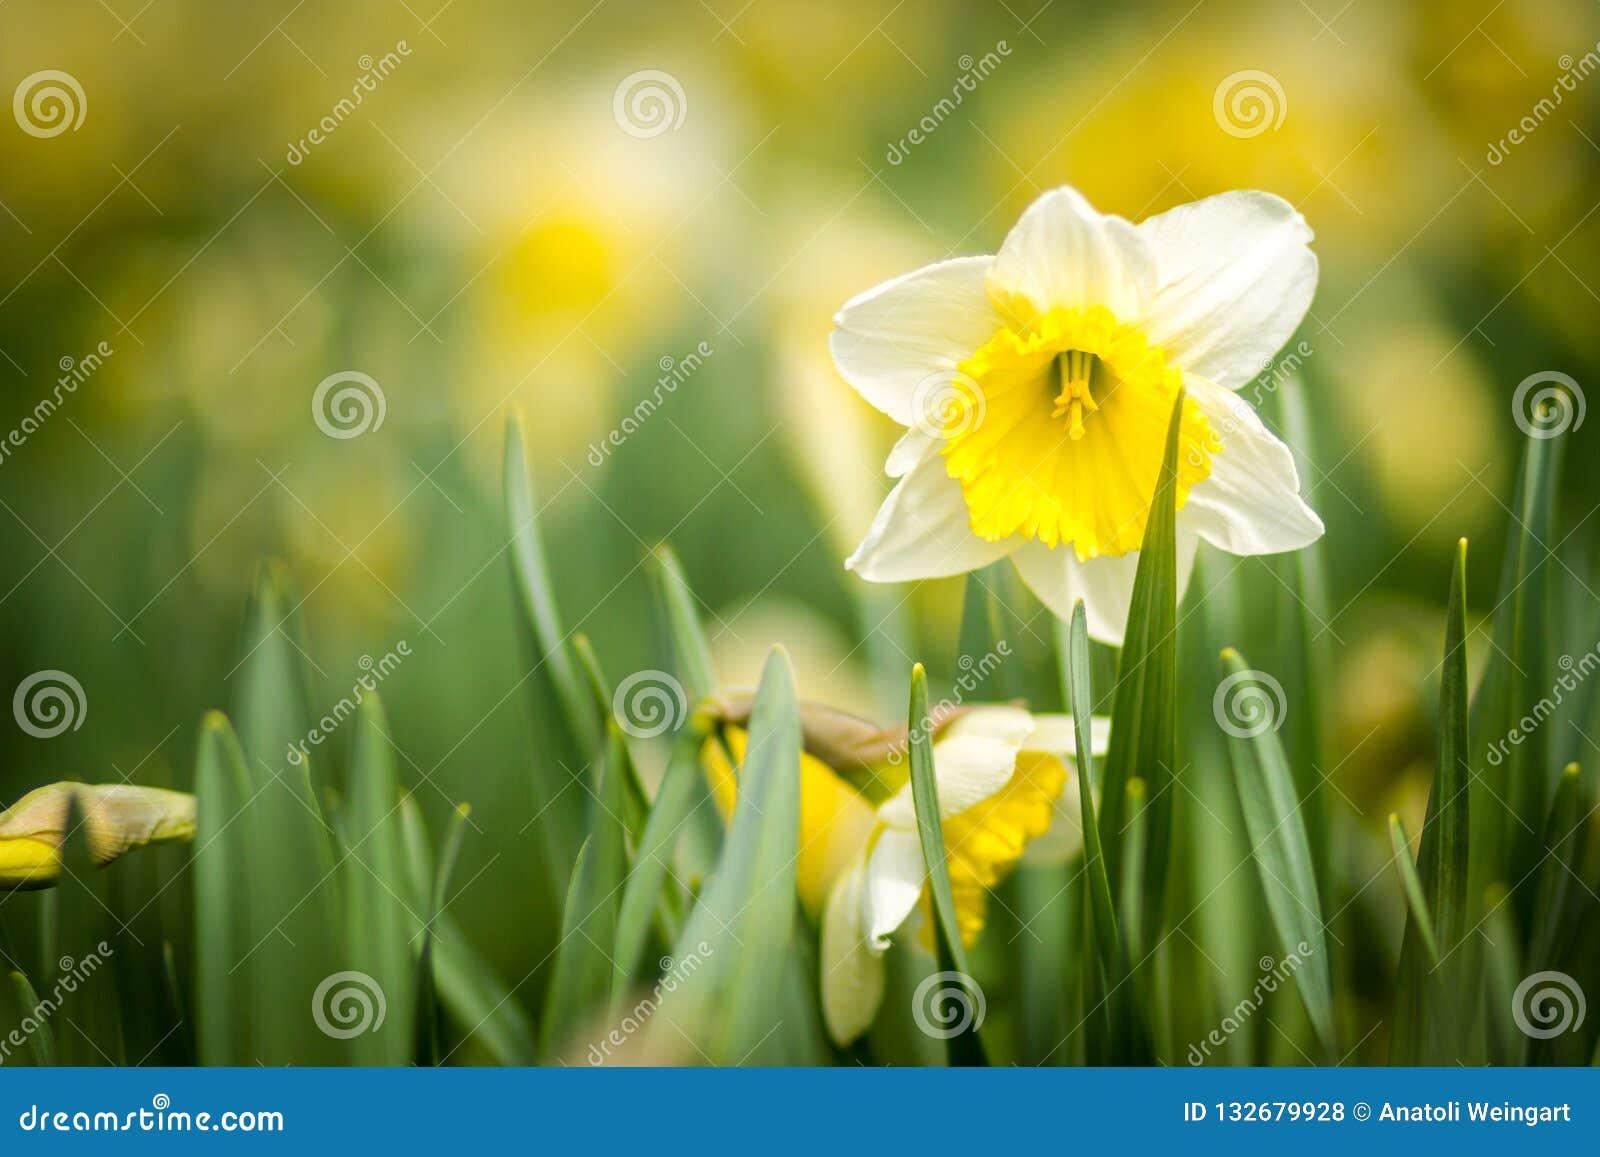 Schöne gelbe Narzissen